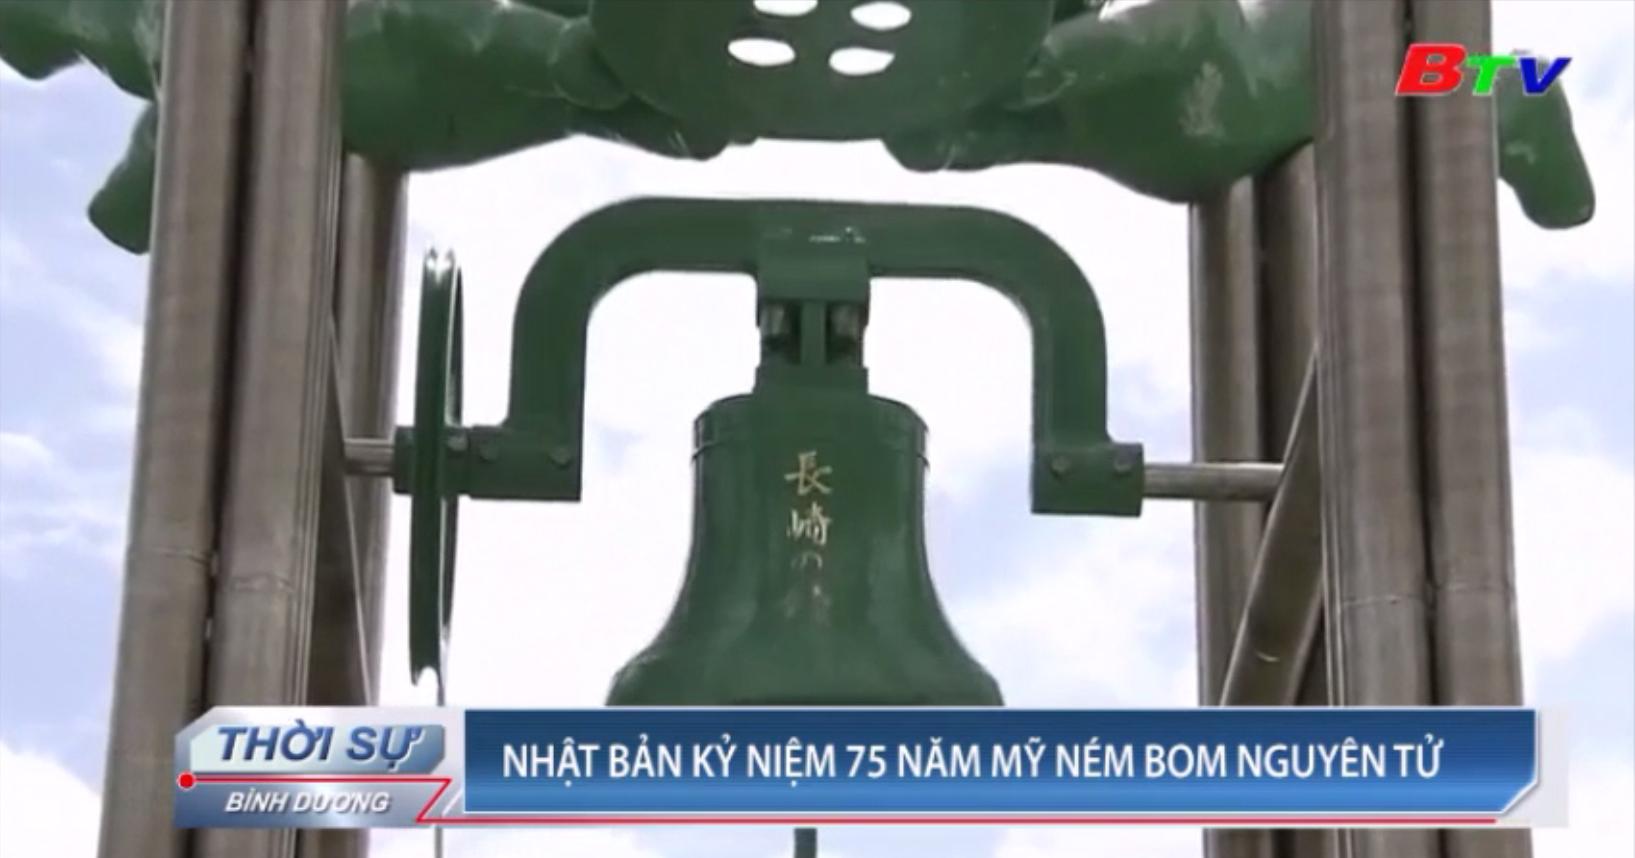 Nhật Bản kỷ niệm 75 năm Mỹ ném bom nguyên tử